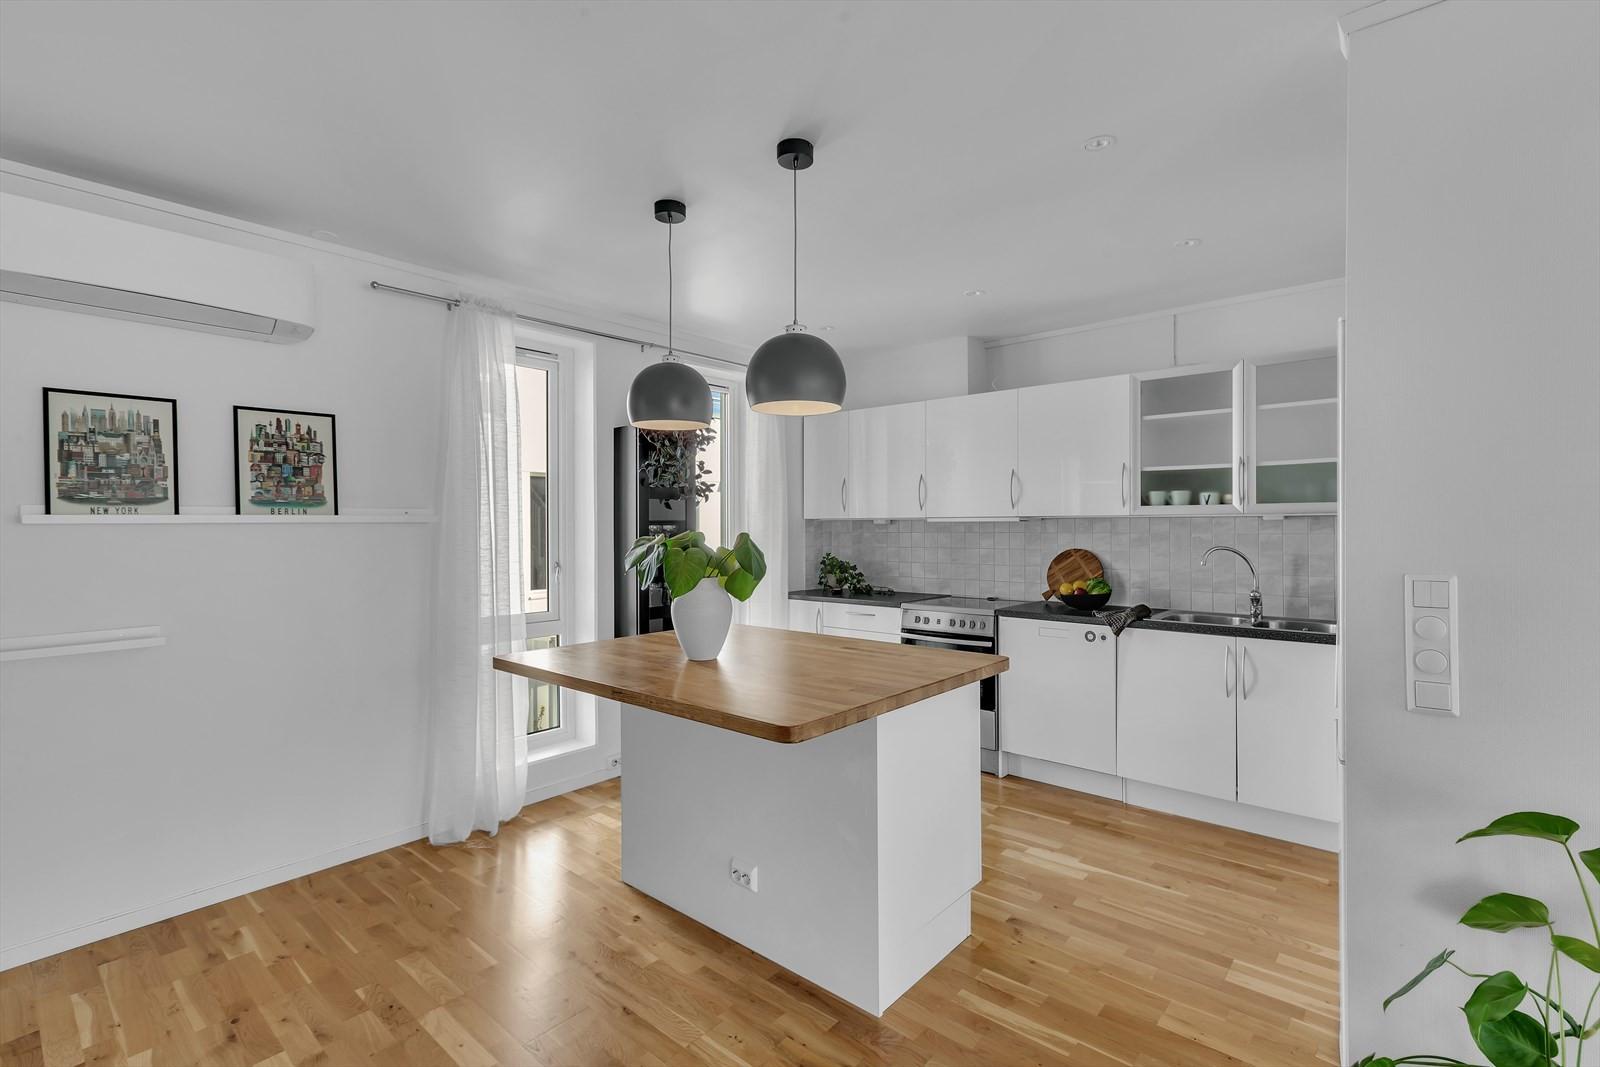 Flott kjøkken med praktisk kjøkkenøy.